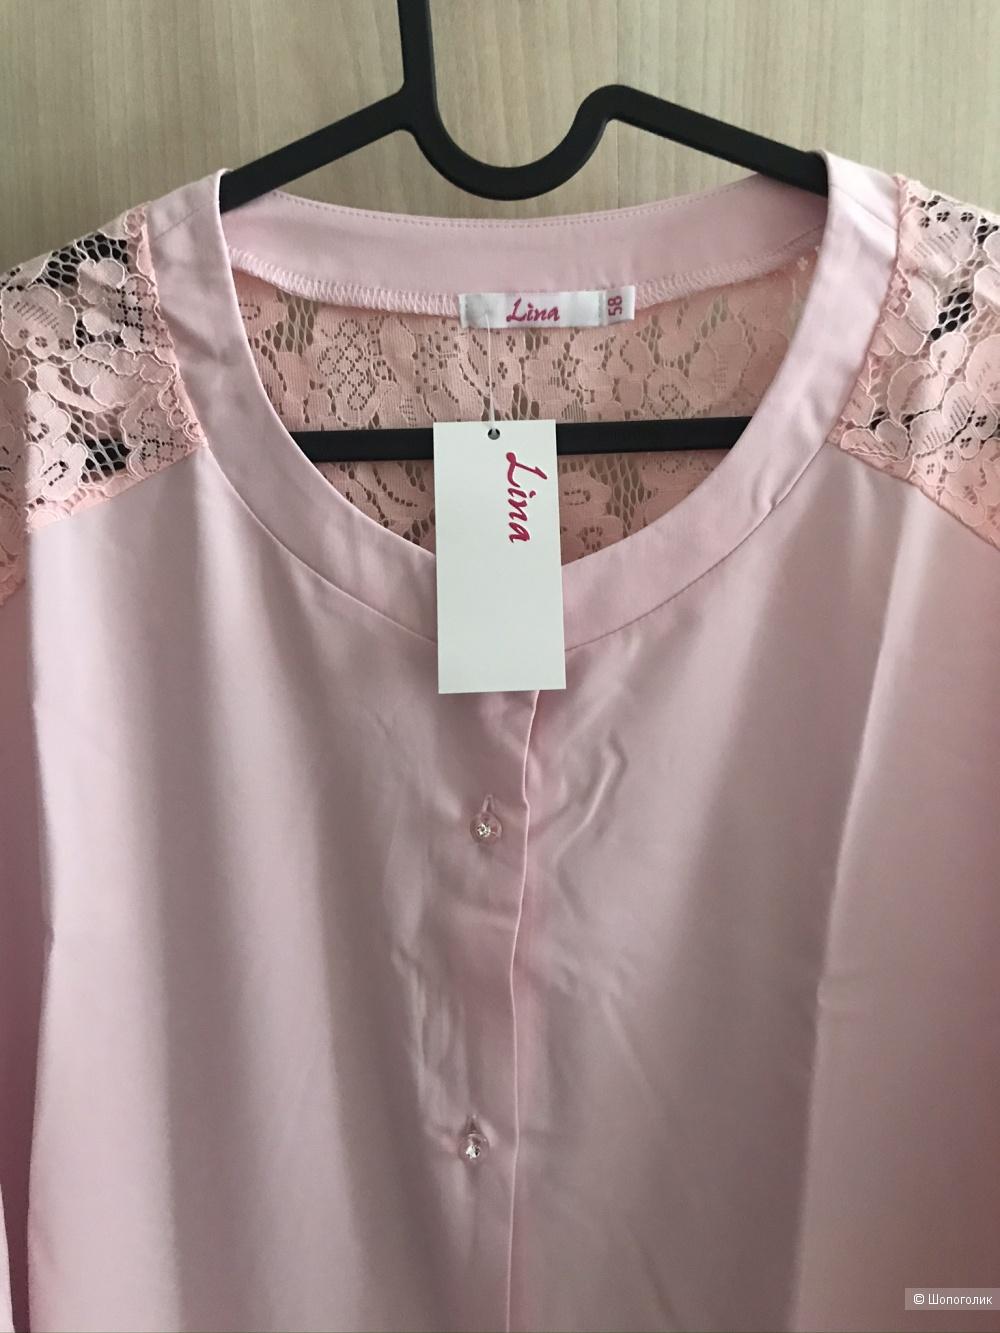 Блузка фирма Lina размер 58